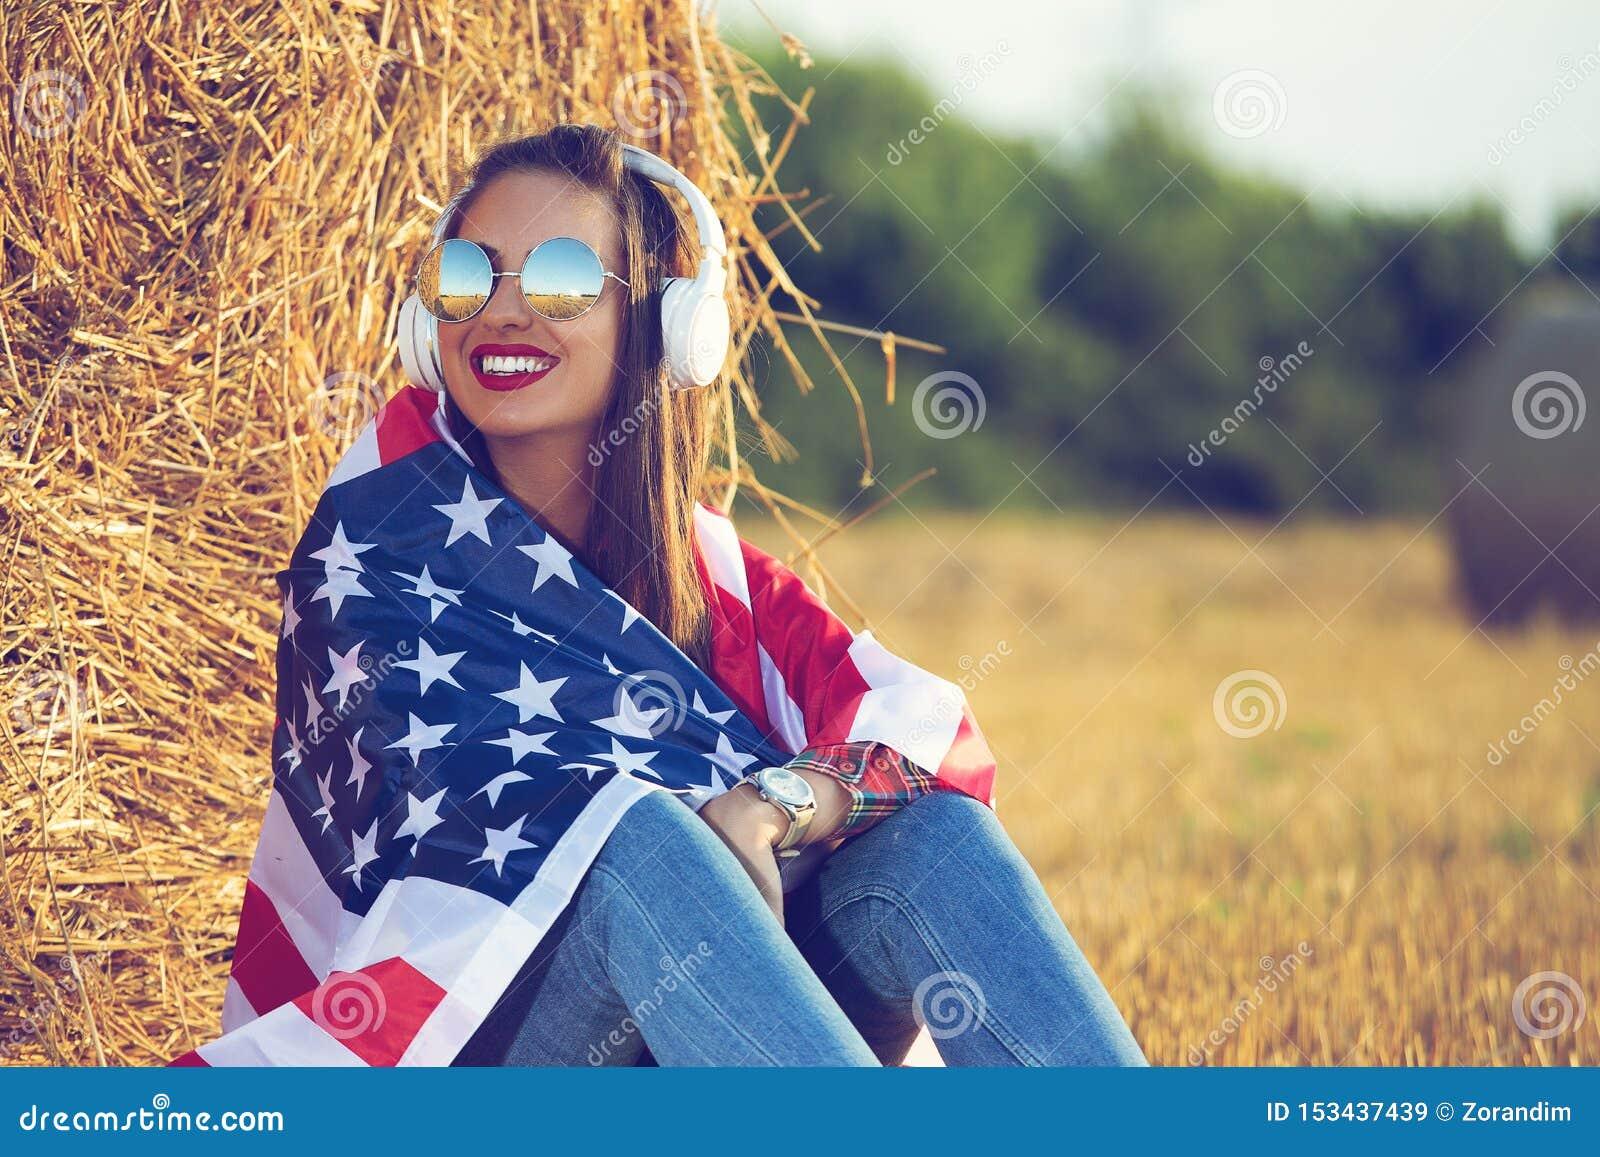 Όμορφη συνεδρίαση κοριτσιών στον τομέα, με μια σημαία των Ηνωμένων Πολιτειών της Αμερικής στους ώμους της